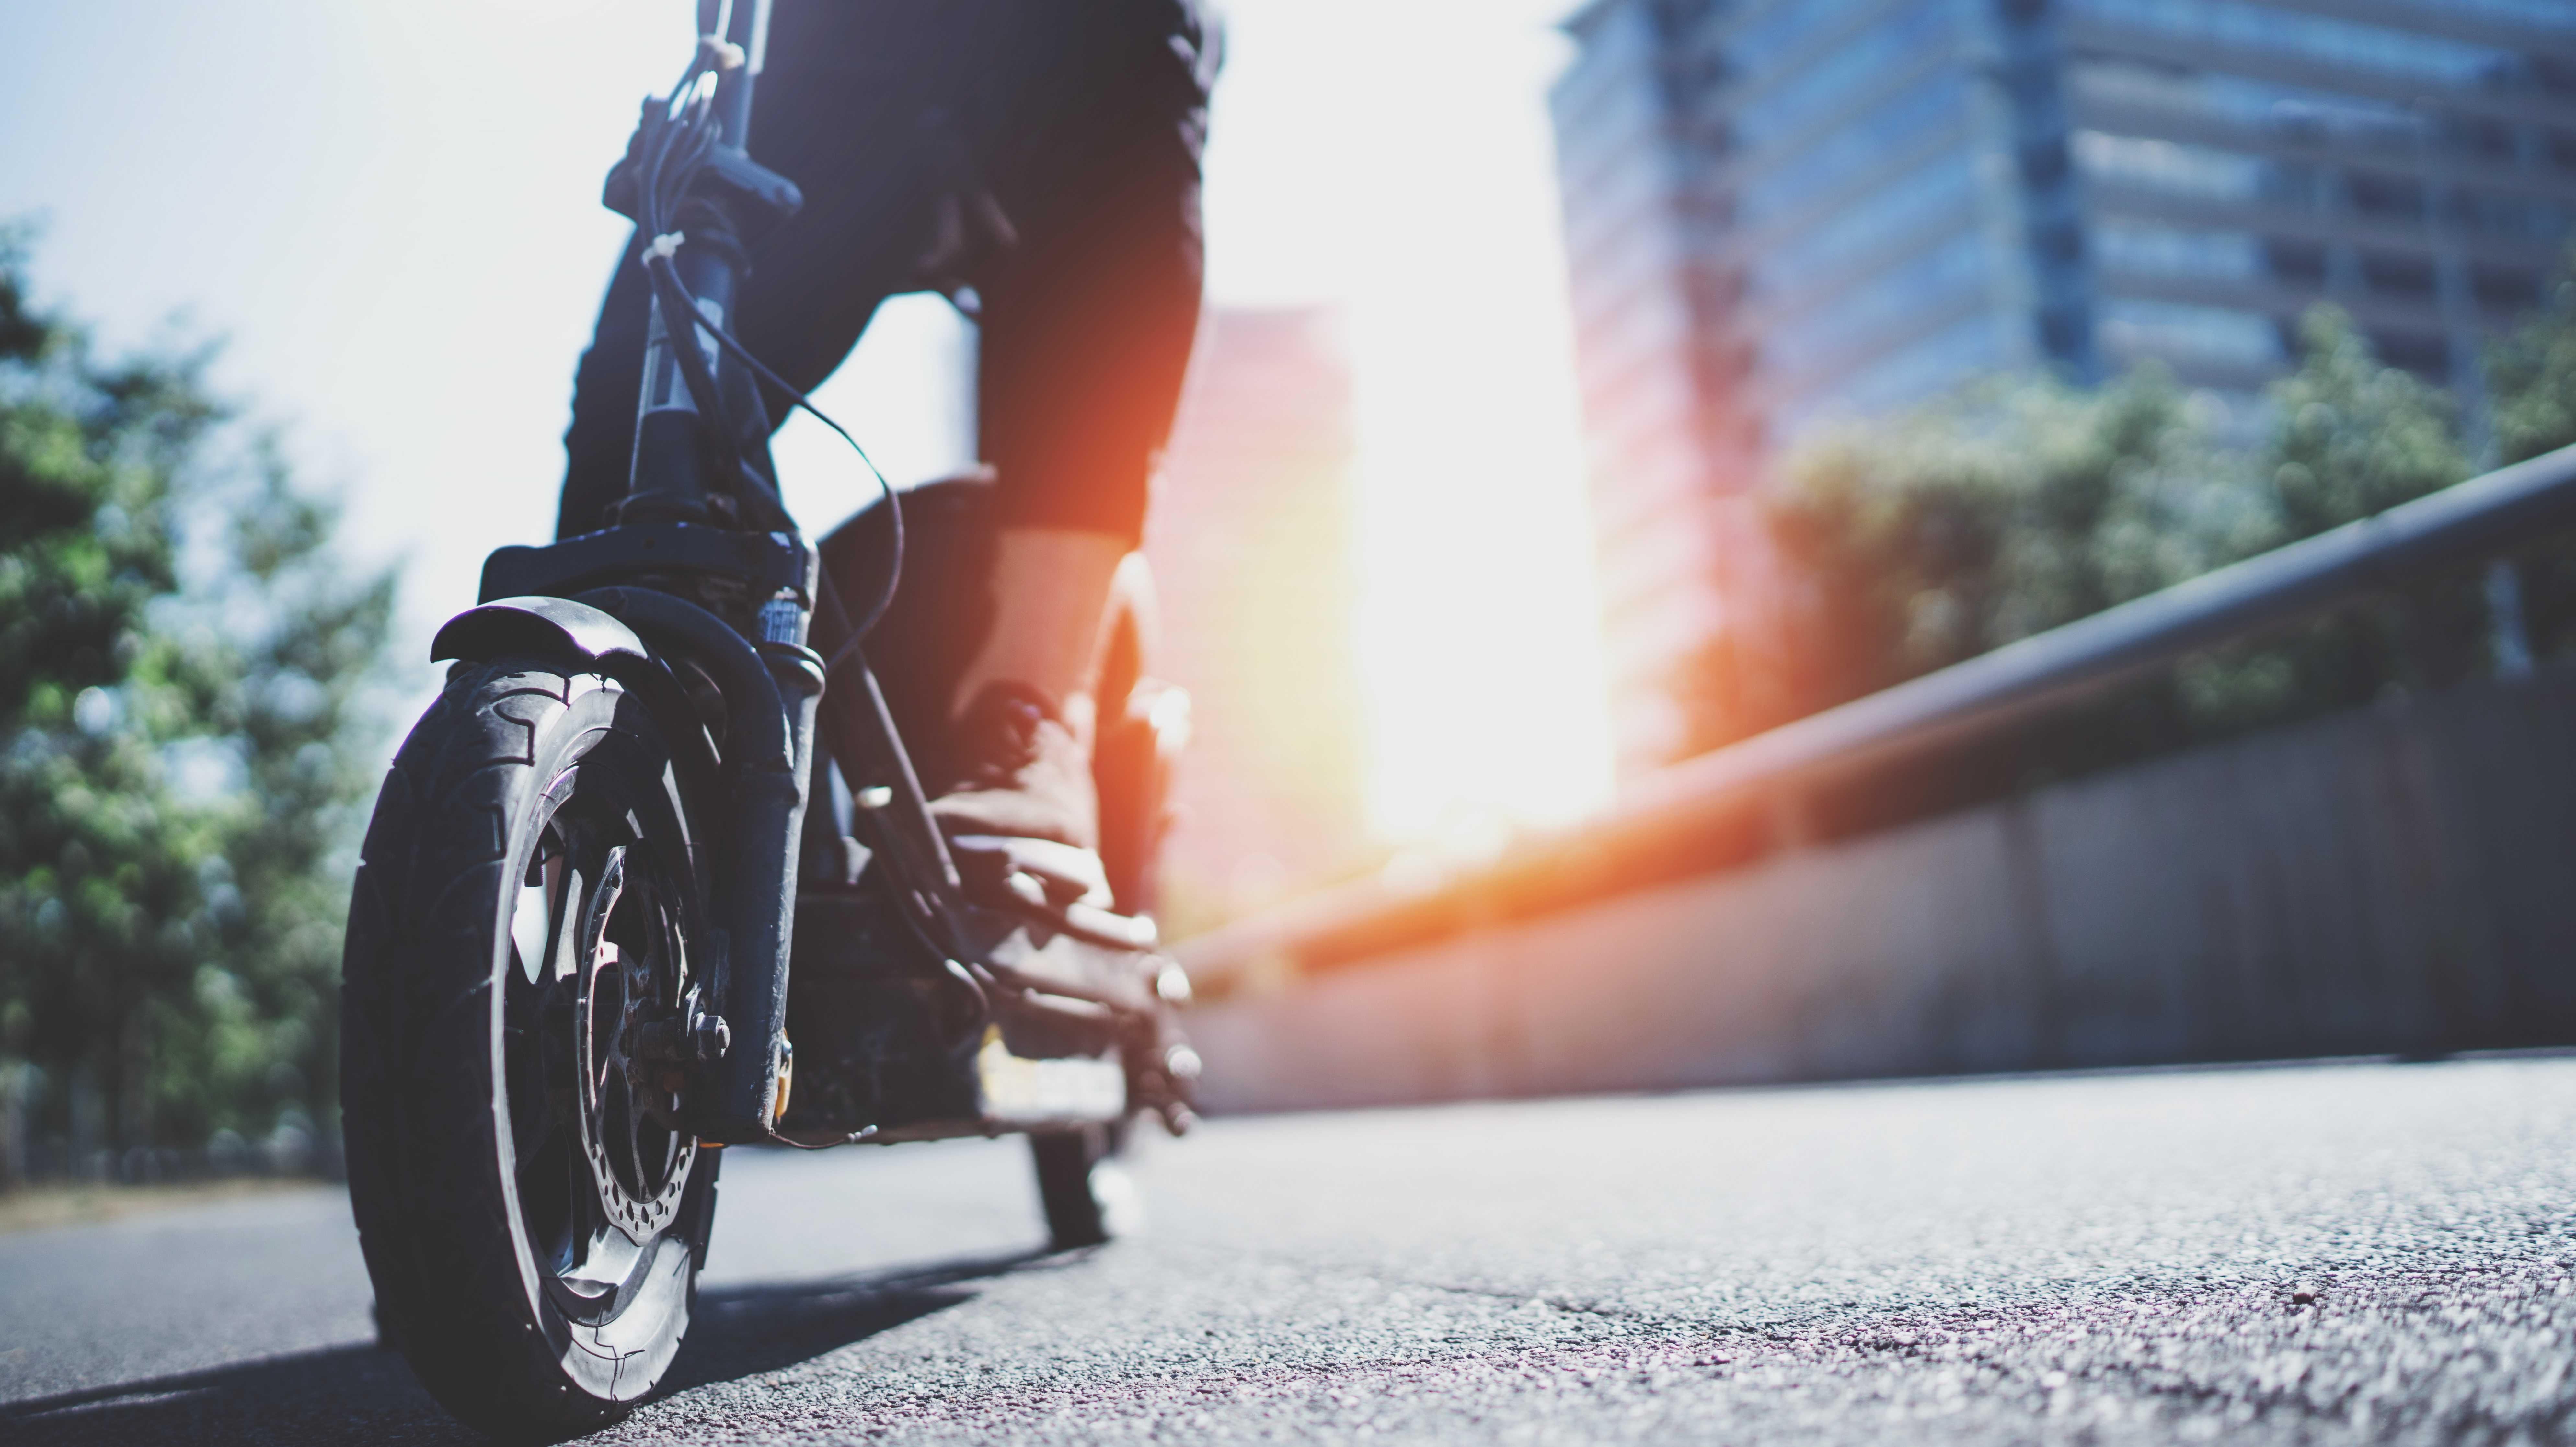 Experten sehen hohes Verletzungsrisiko beim E-Scooterfahren